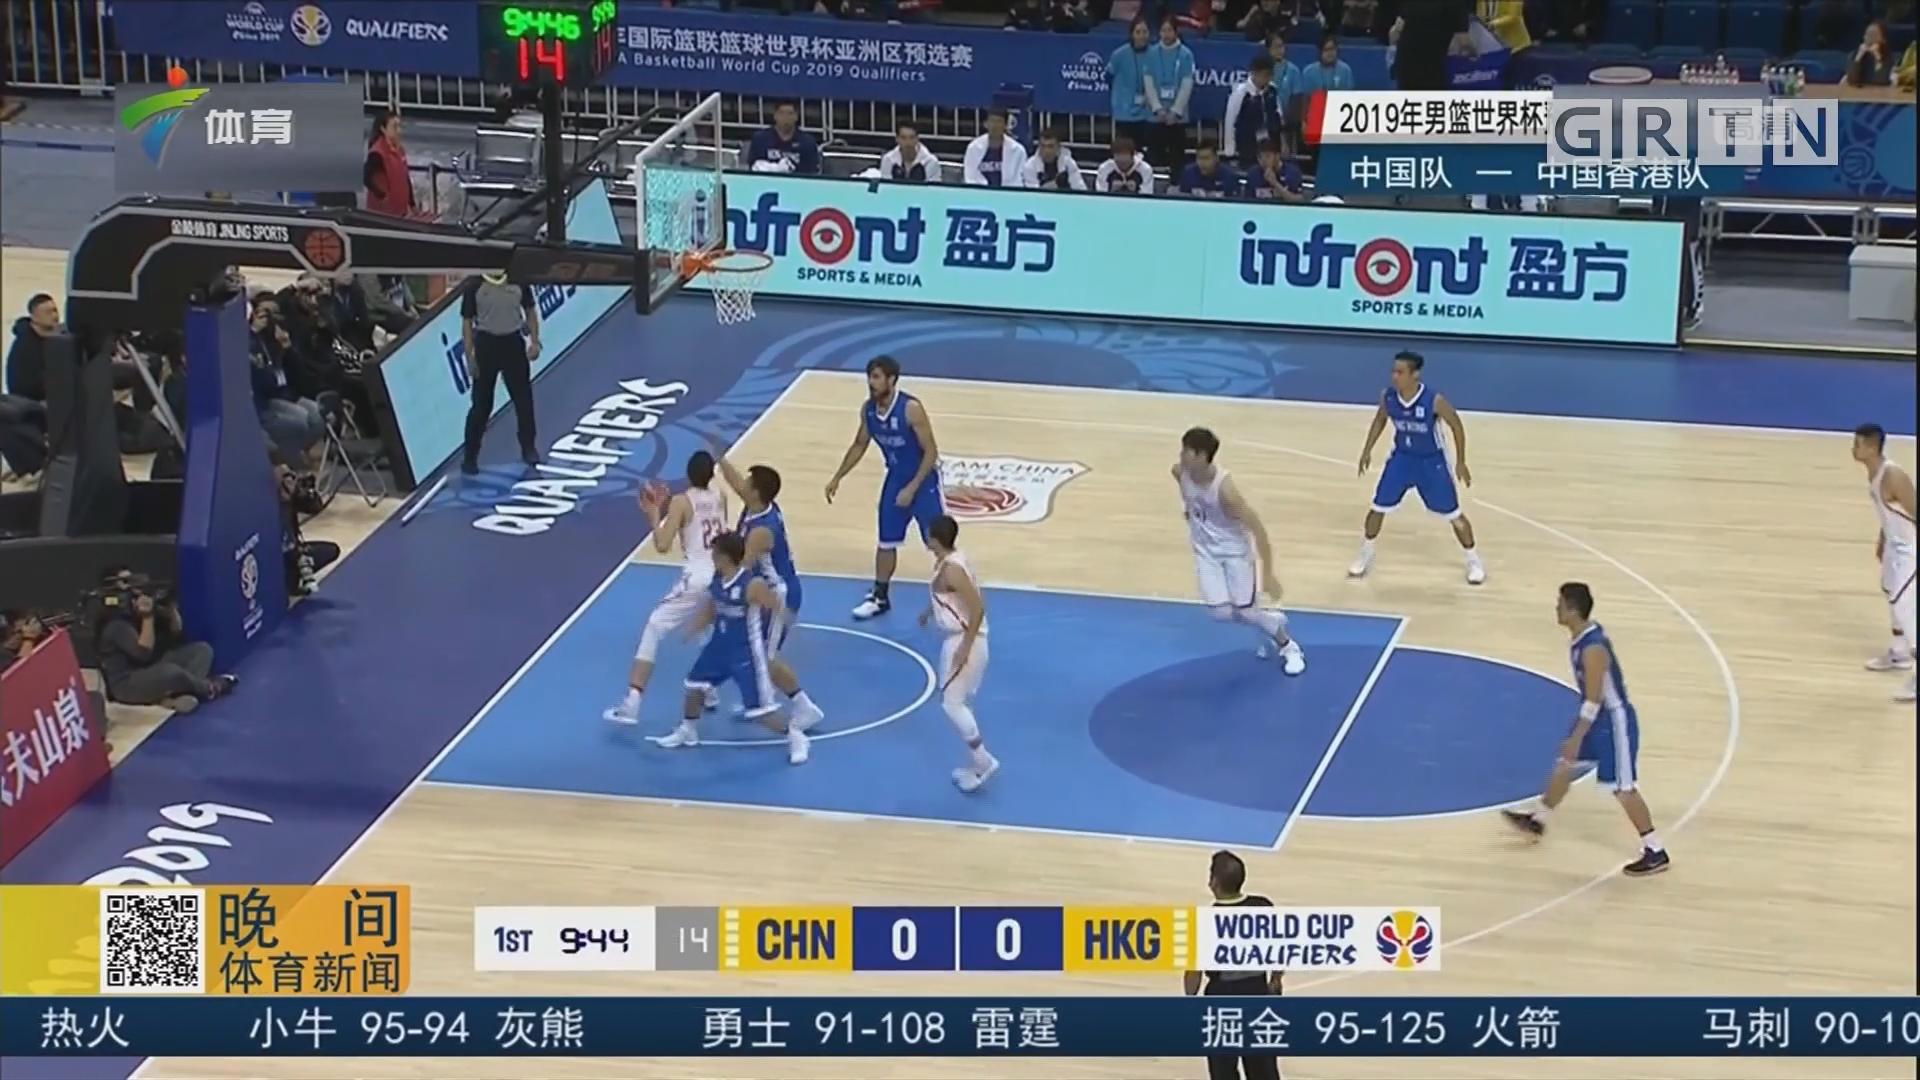 男篮世预赛 中国男篮红队取得开门红